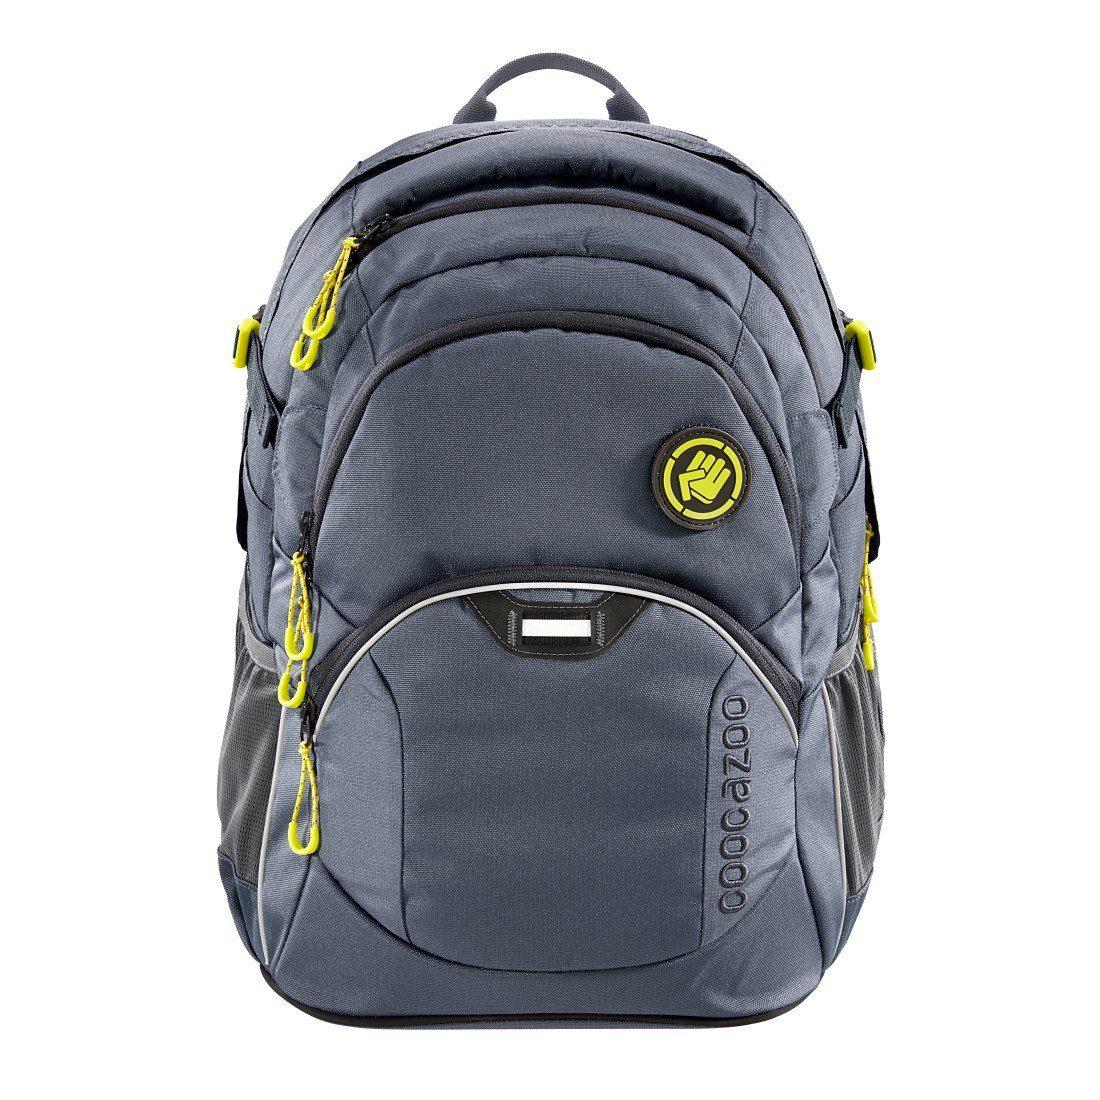 coocazoo Rucksack ´´JobJobber2´´ mit Laptopfach, Shadowman »Außenmaße 30 x 45 x 20 cm« | Taschen > Rucksäcke > Sonstige Rucksäcke | Grau | COOCAZOO